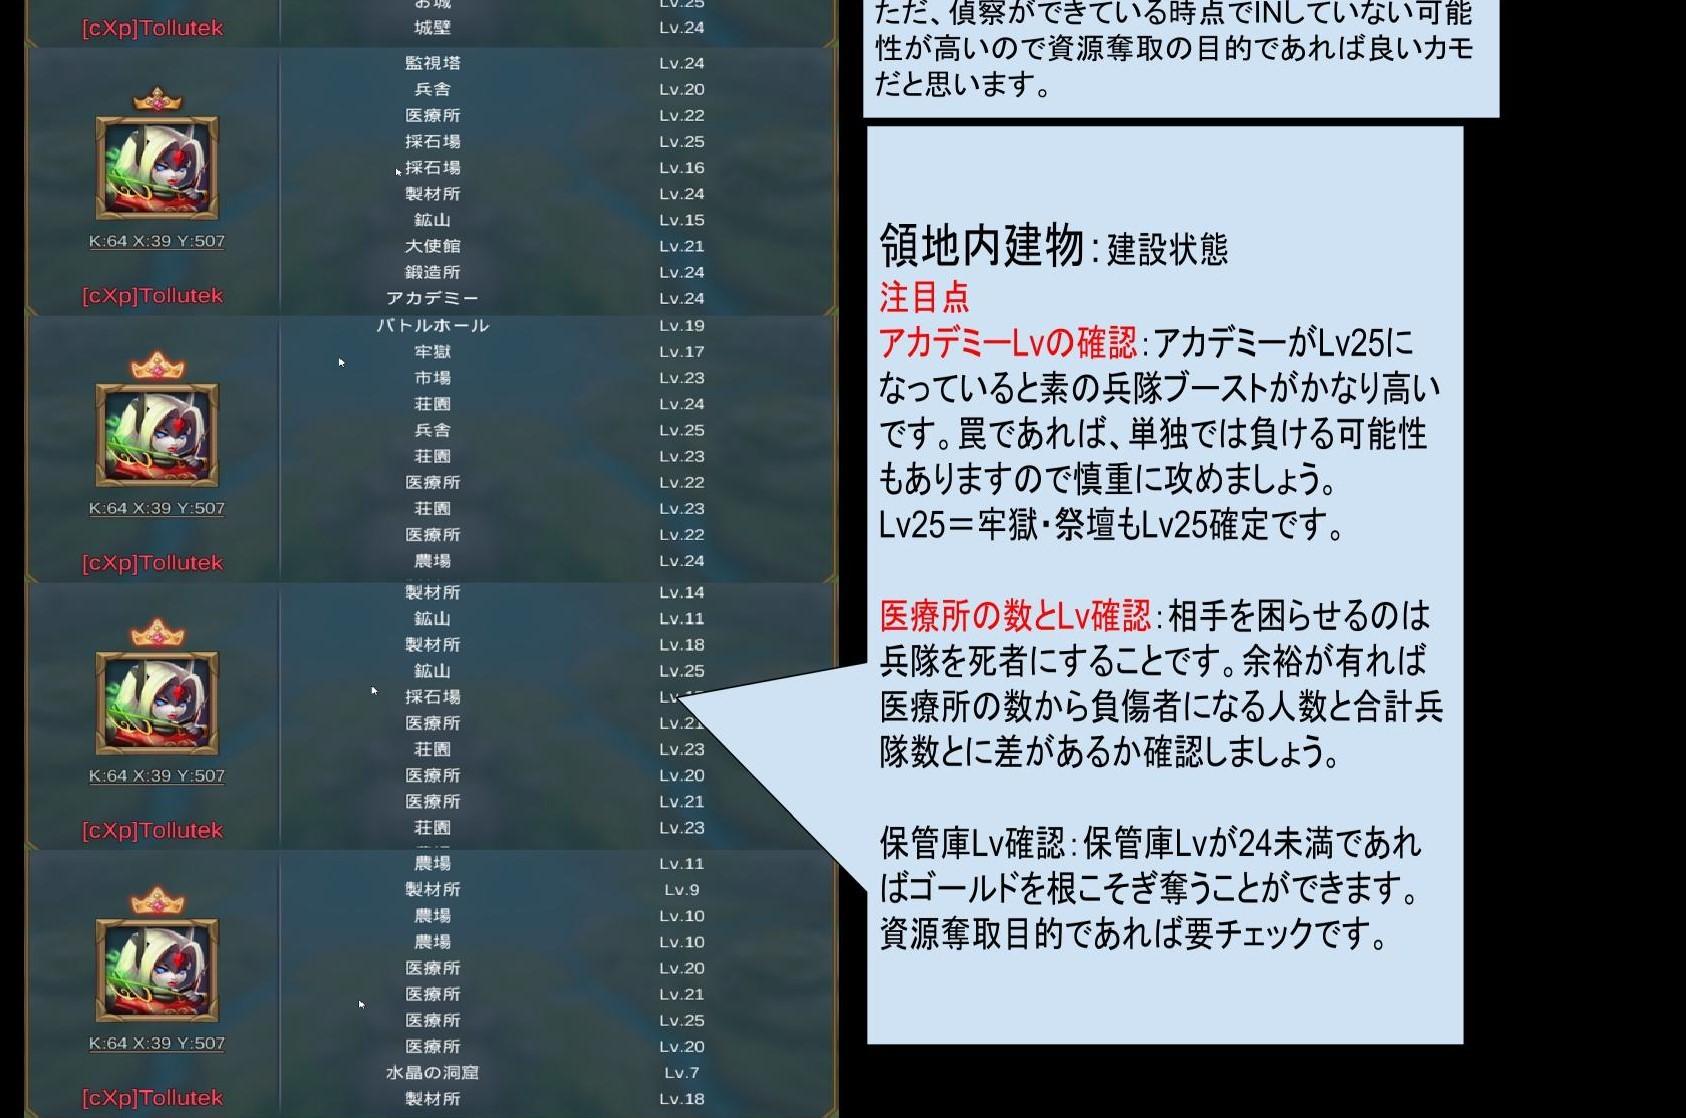 f0366684_04010151.jpg